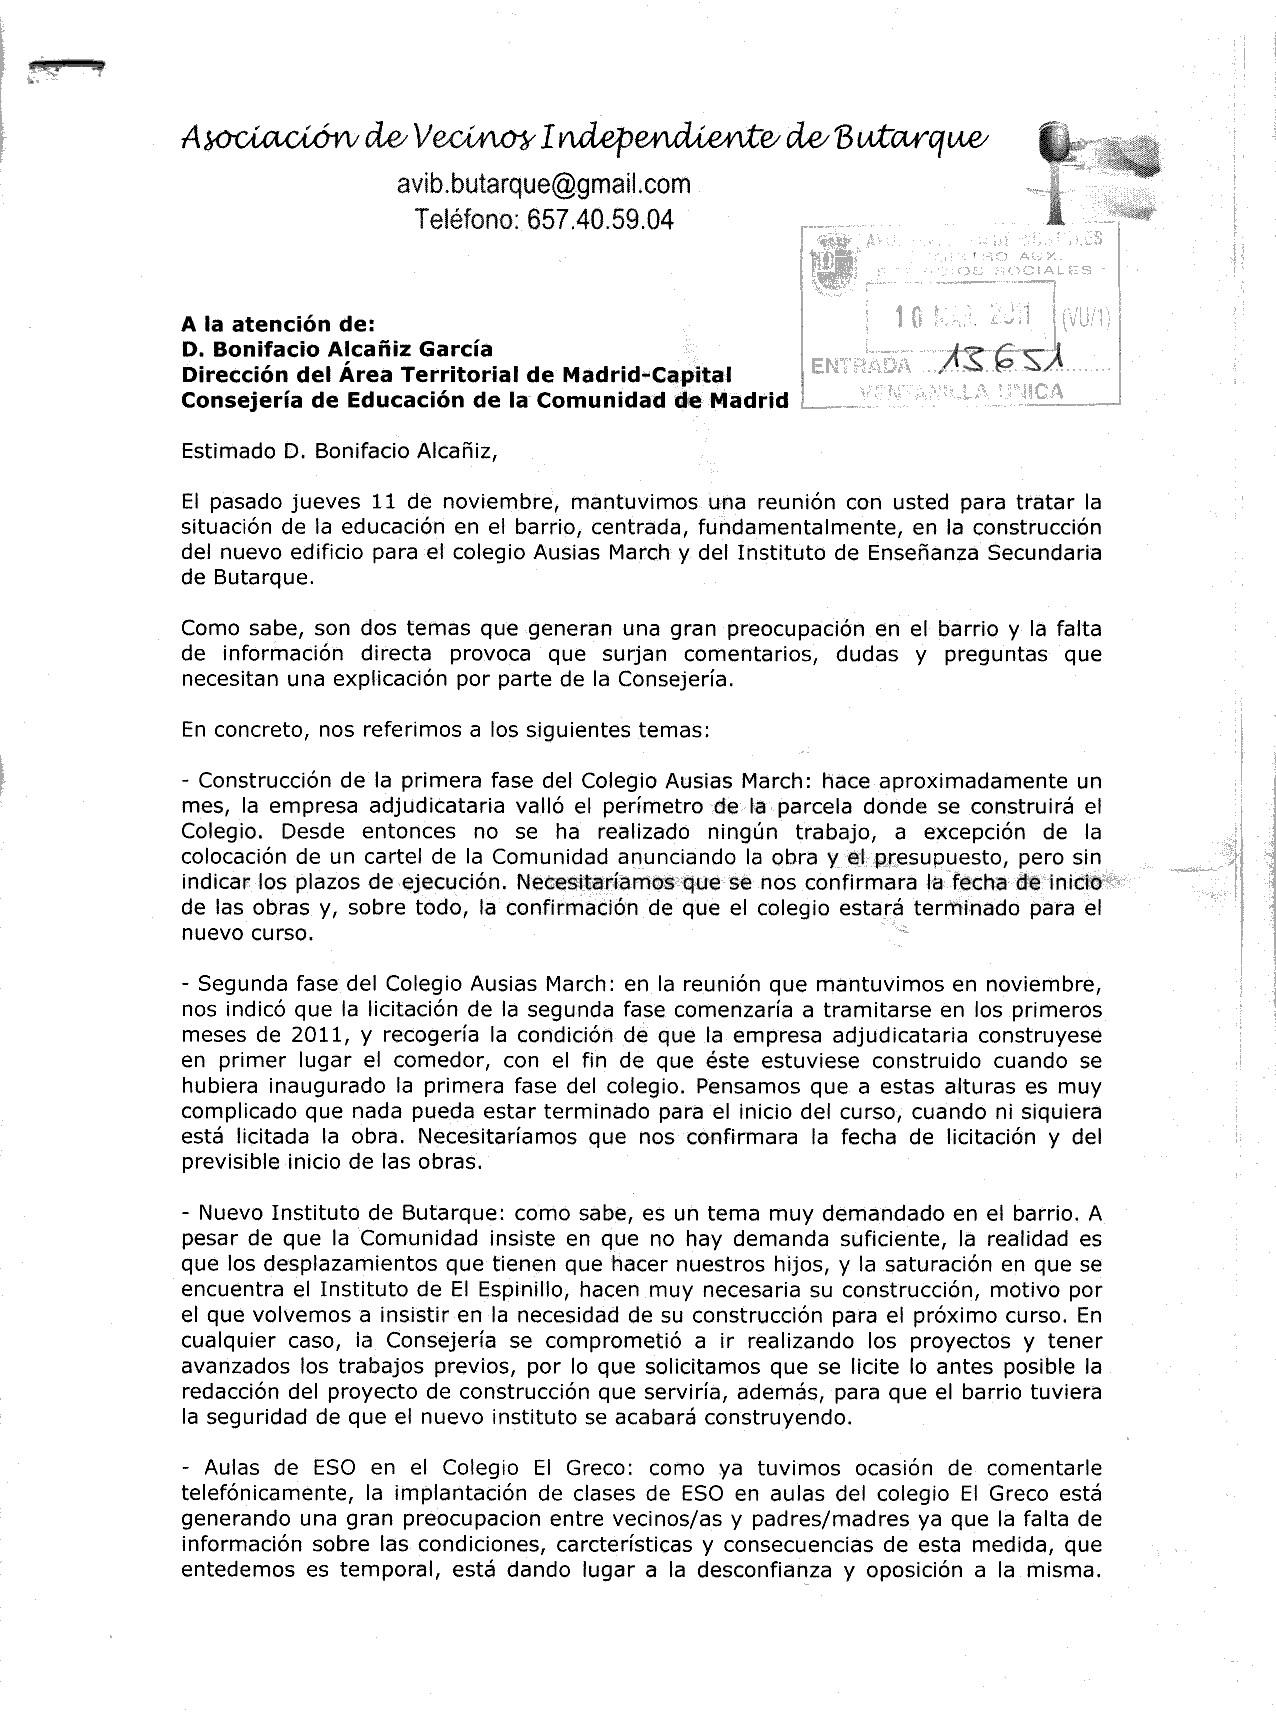 Peticion_para_acelerar_equipamientos_educativos.jpg